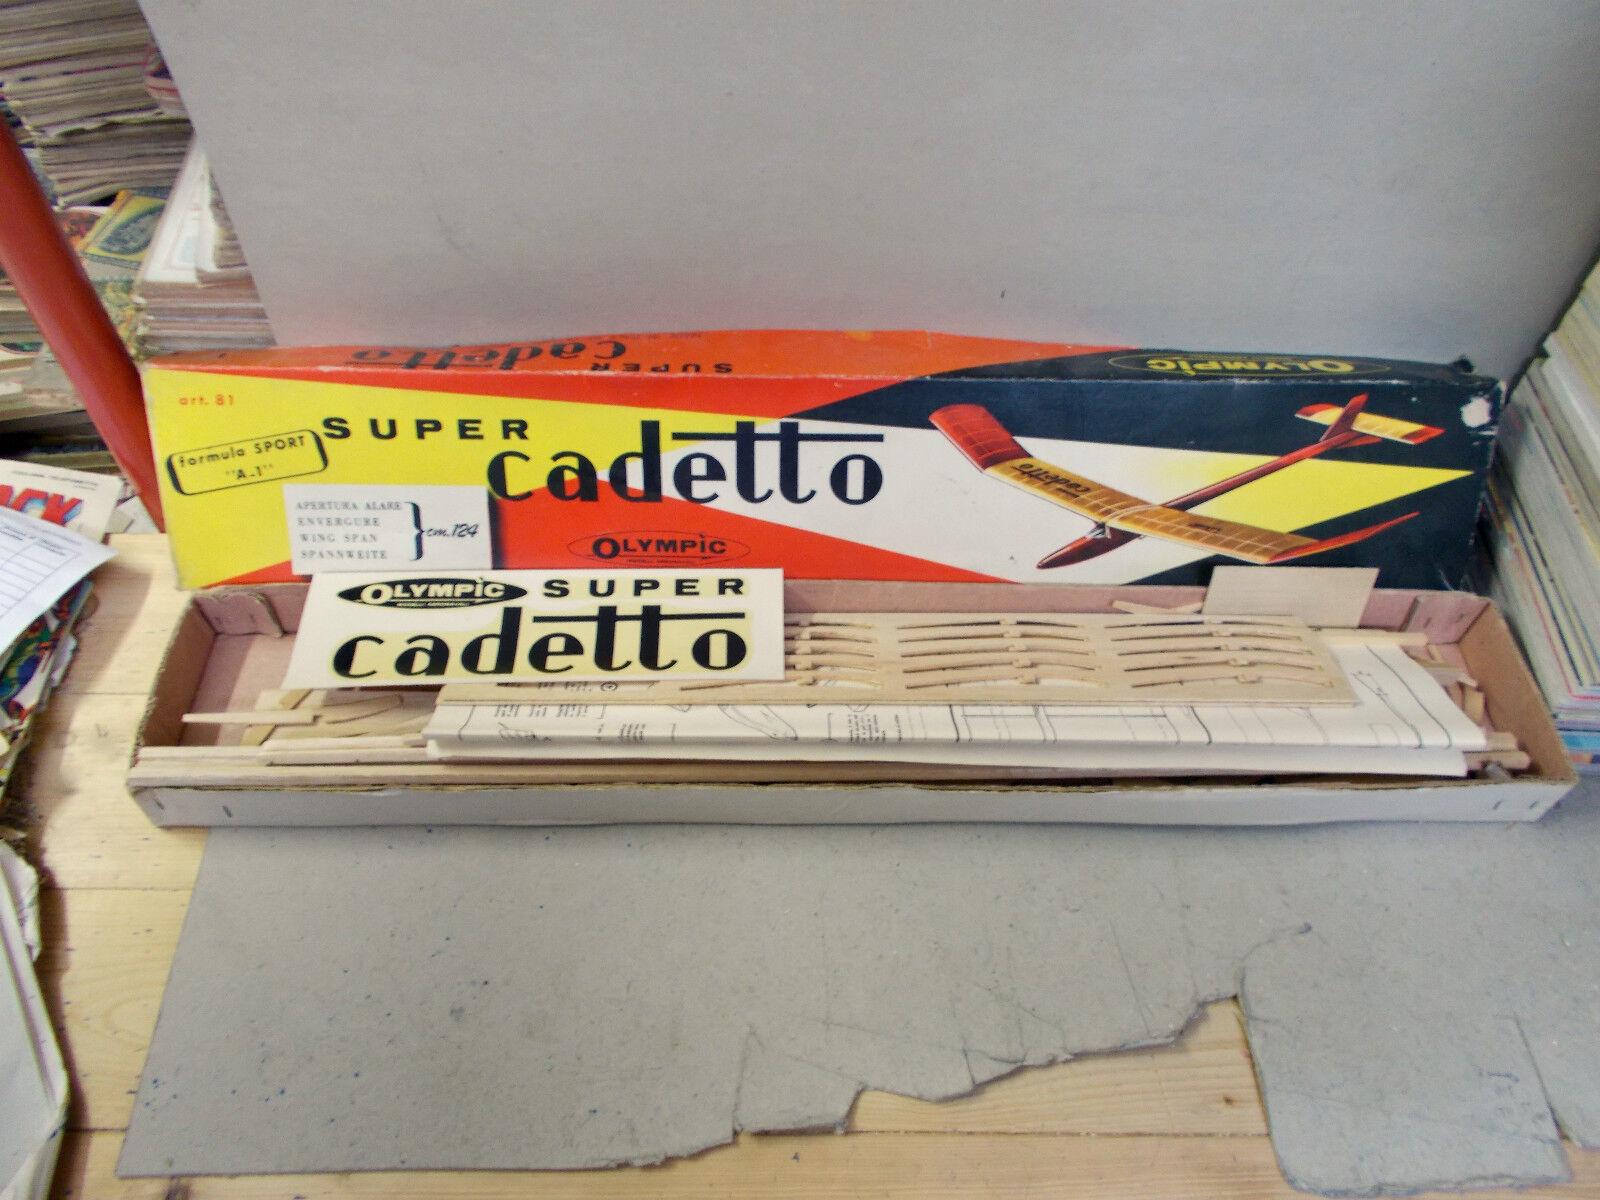 SUPER CADETTO  modellololololi aeronavali OLYMPIC ART.81 ANNI 60 AEREO DA COSTRUIRE OTTIM  negozio online